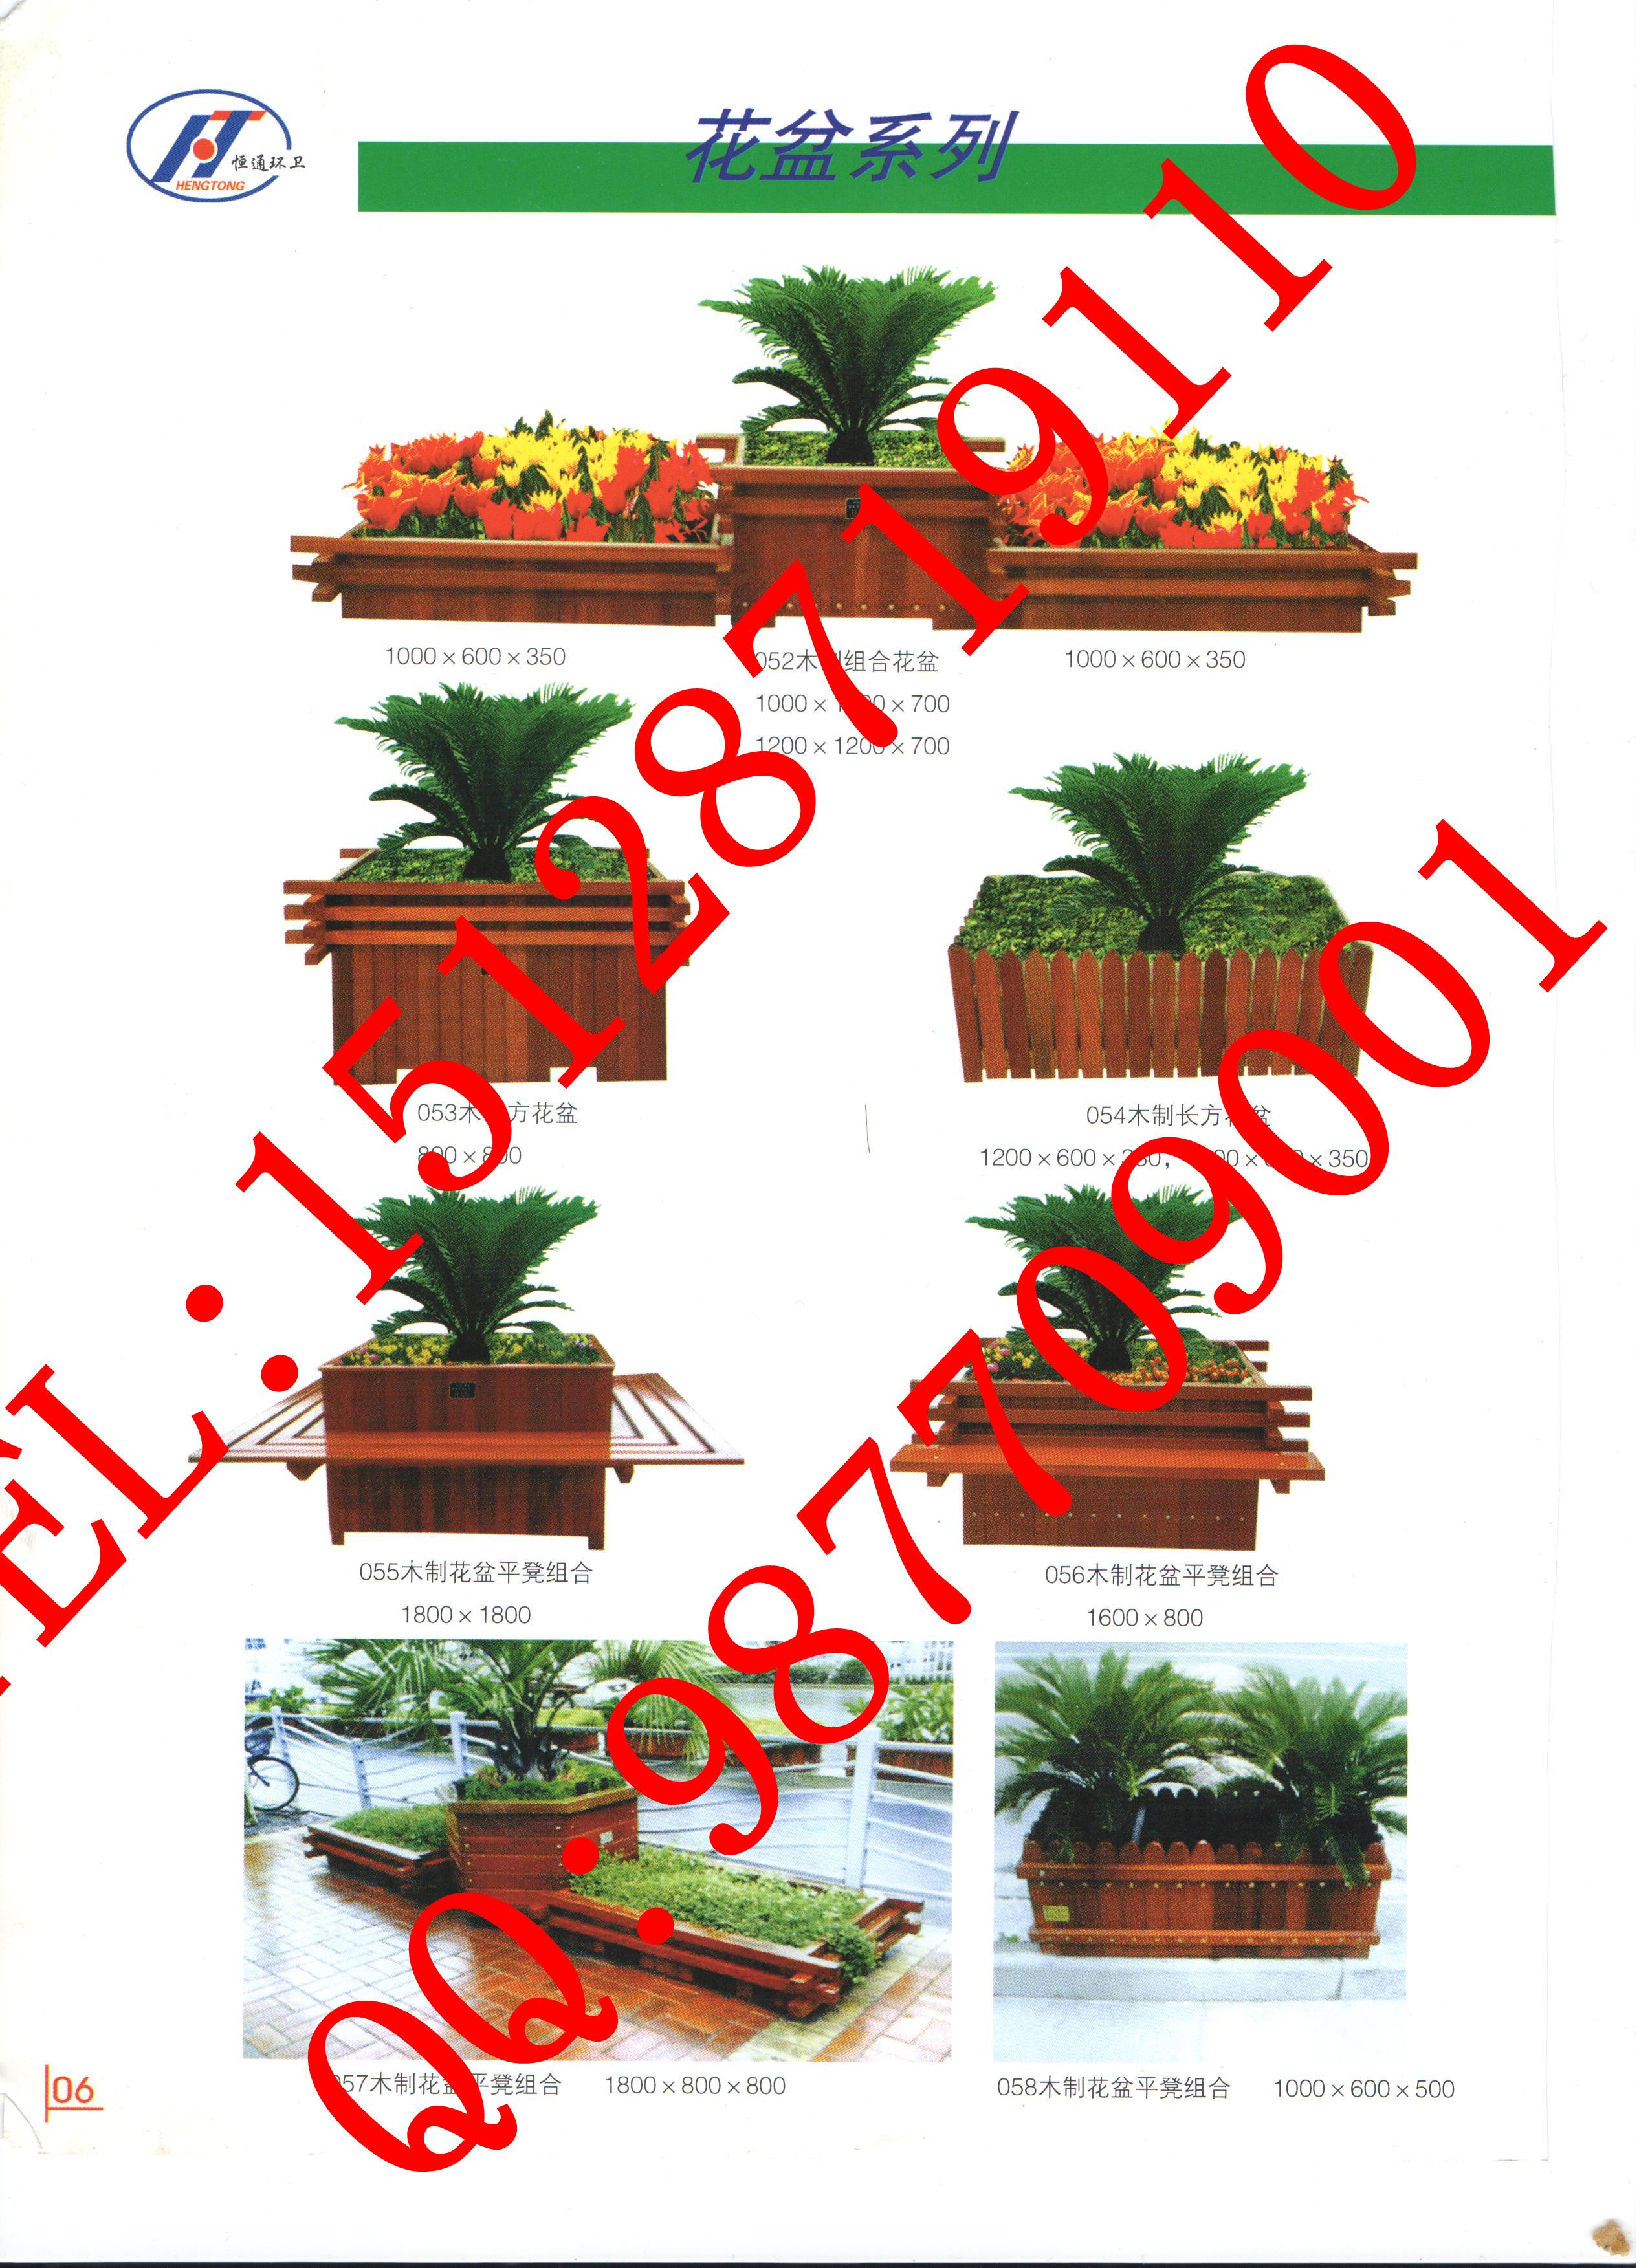 木头花盆图片|木头花盆样板图|木头花盆效果图